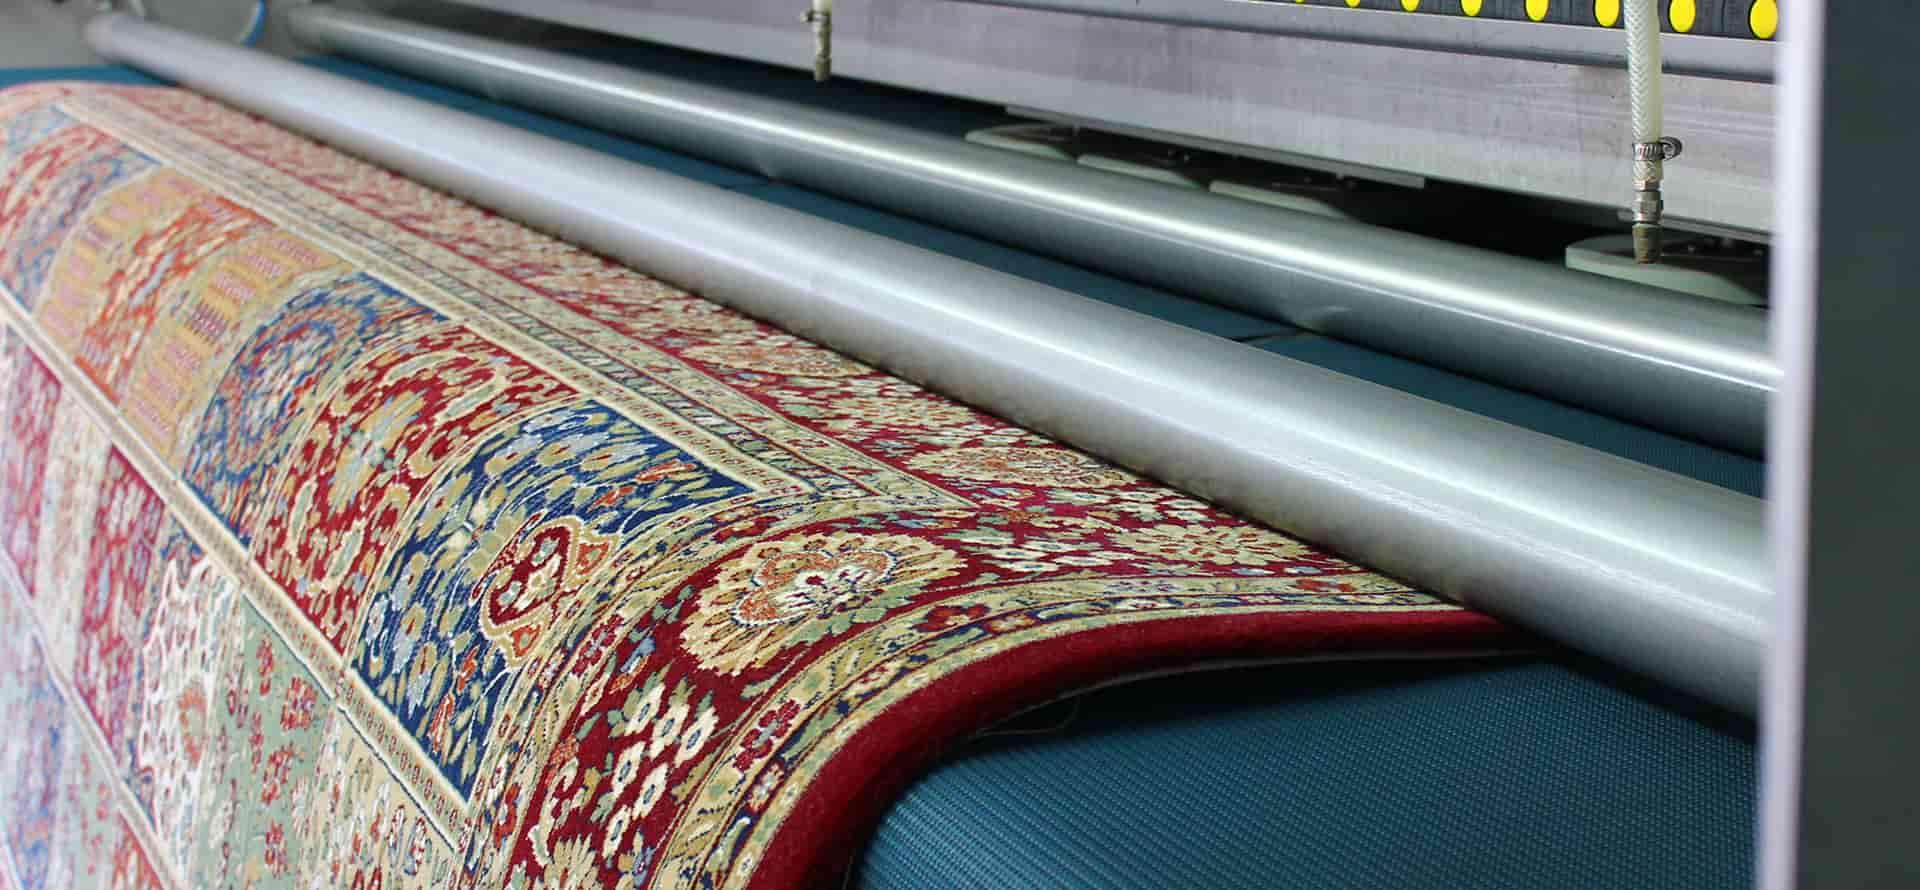 Стирка ковров картинки